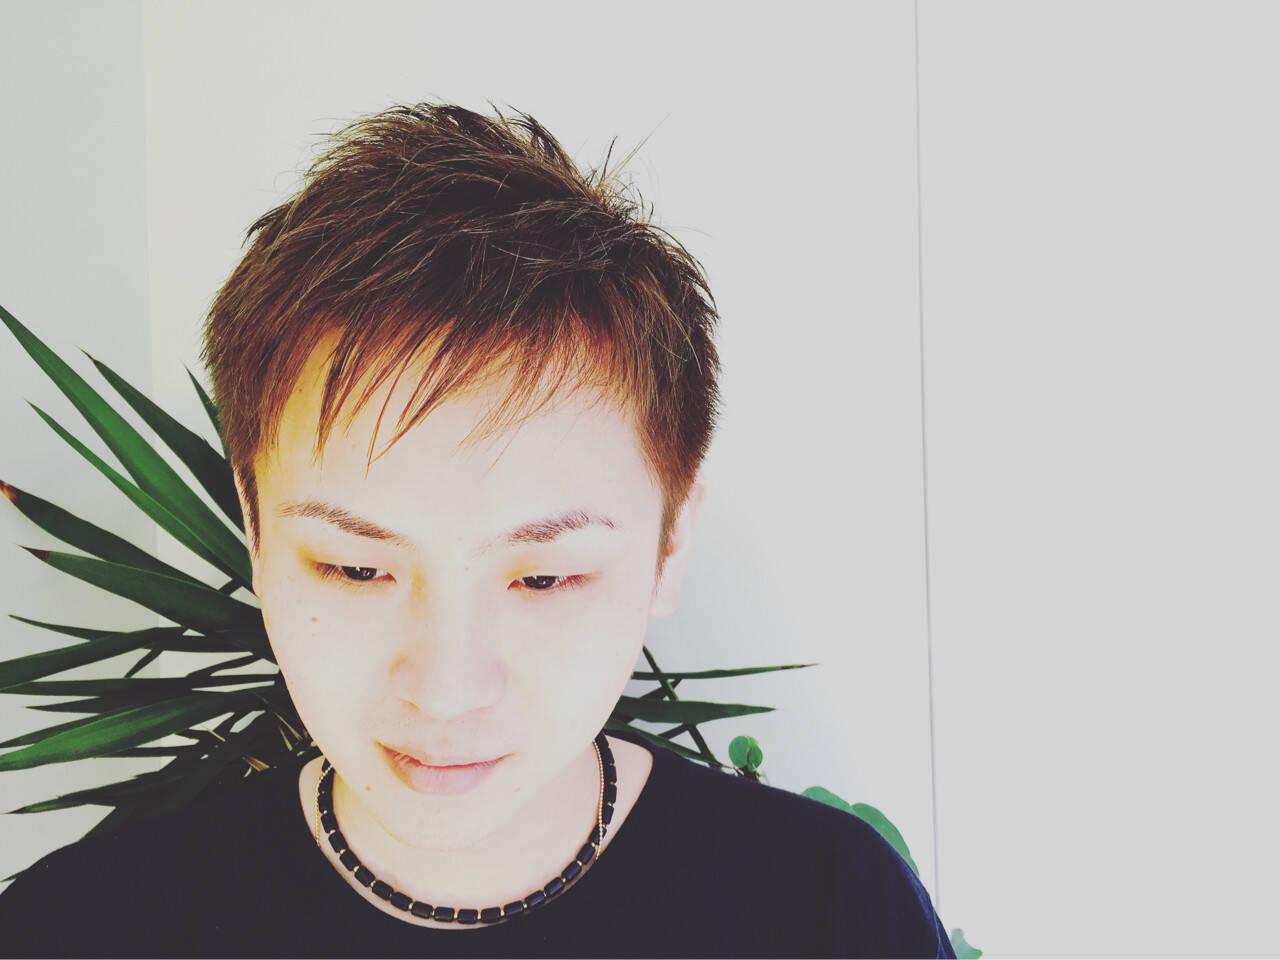 アッシュ ショート モテ髪 モードヘアスタイルや髪型の写真・画像